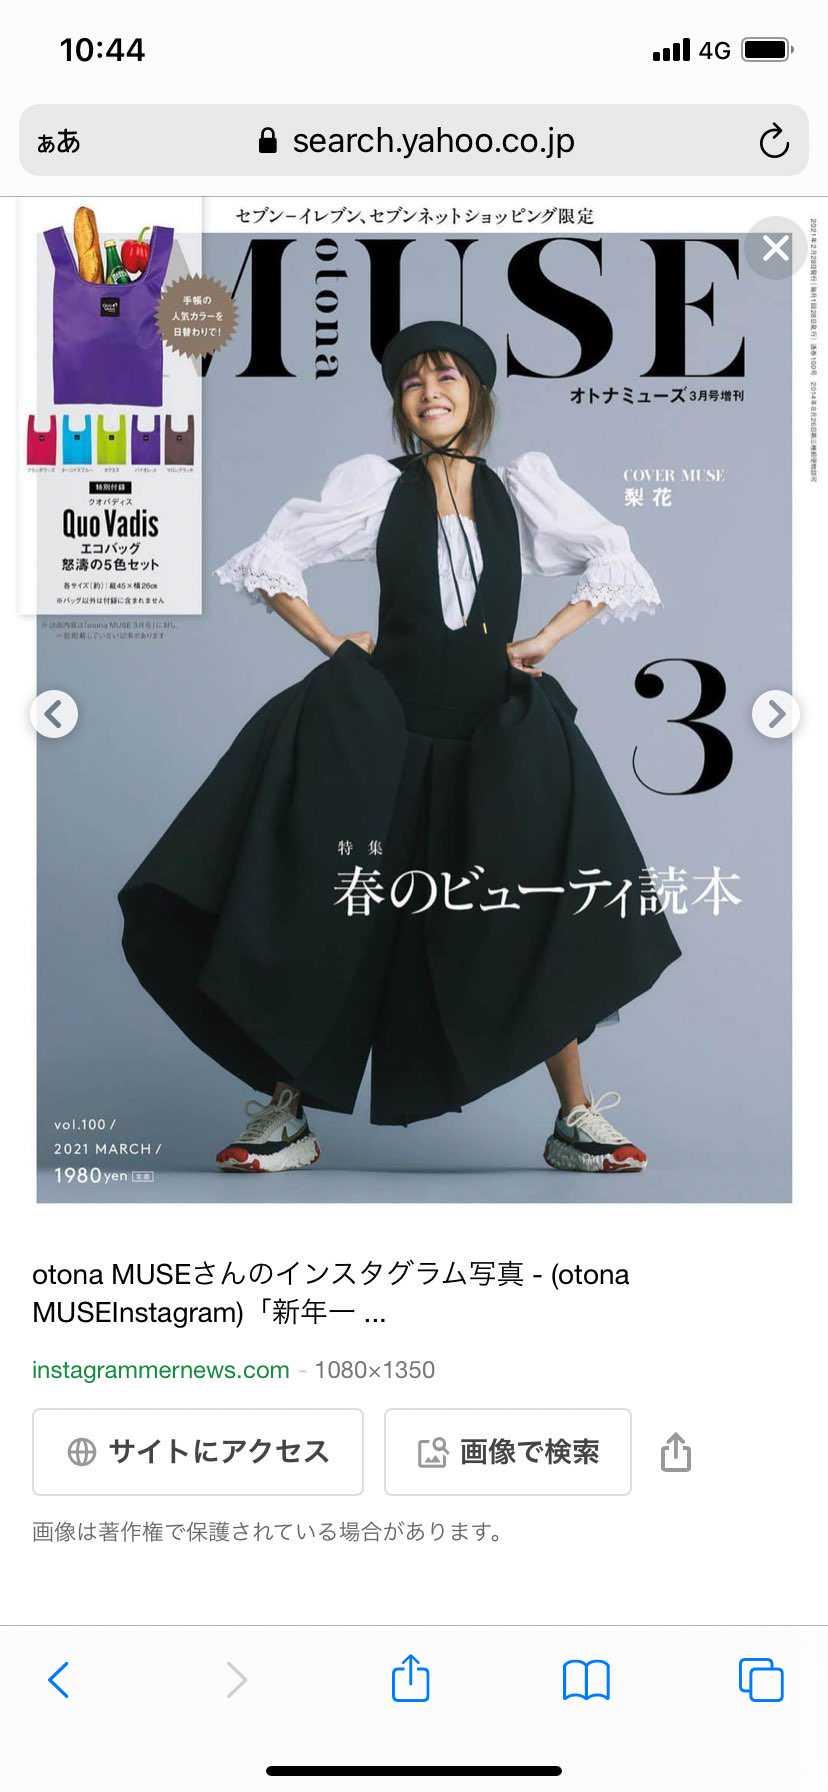 昔のファッションリーダー、梨花着用だから40代女性に人気出るかも?